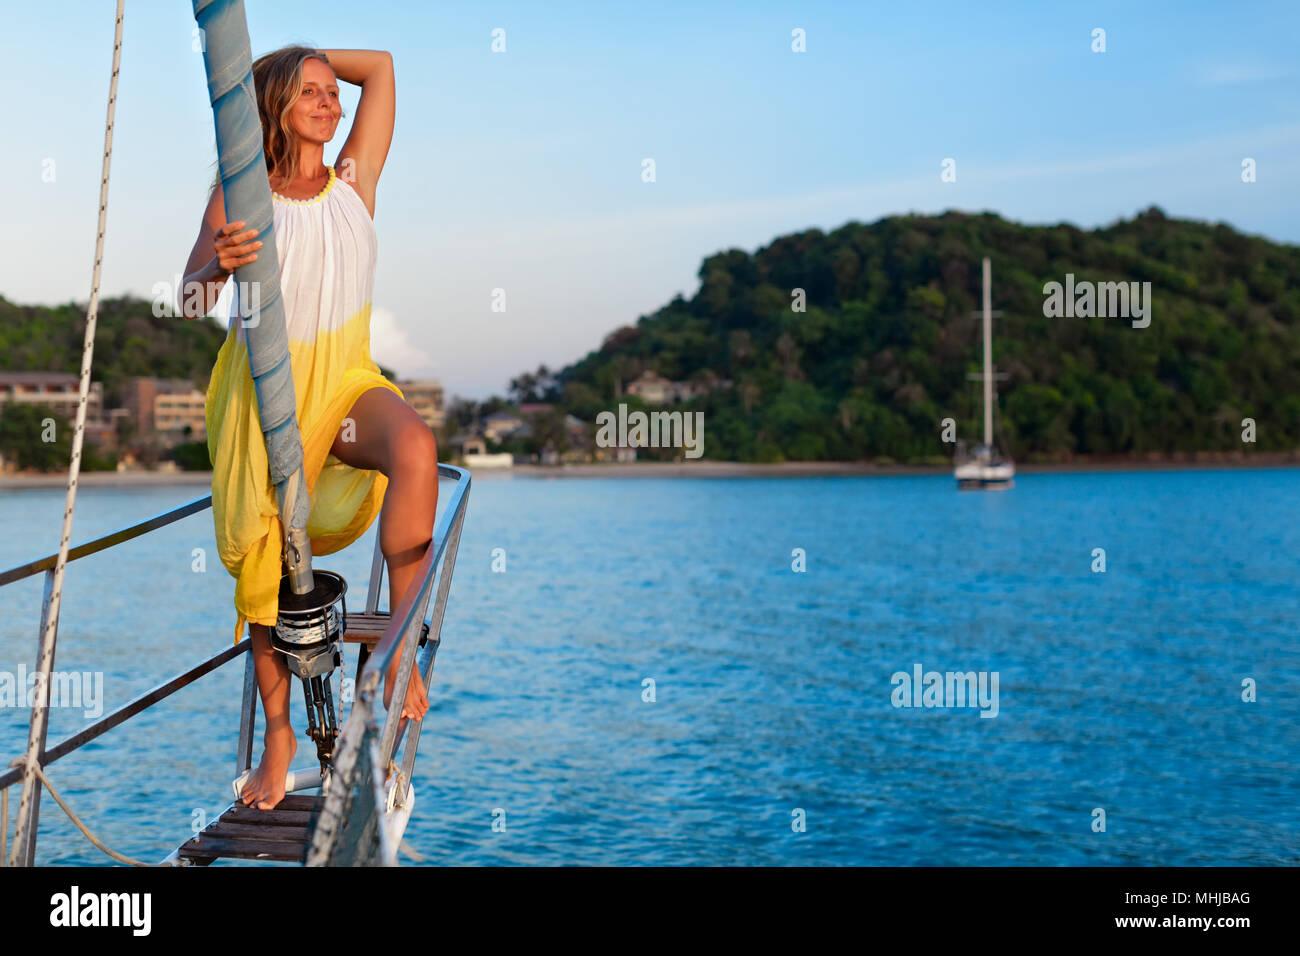 Bateau à voile, équipage de reste. Jeune femme heureuse sur le pont de bateaux charter, ont plaisir à découvrir les îles, voyages en mer tropicale sur croisière d'été. Photo Stock